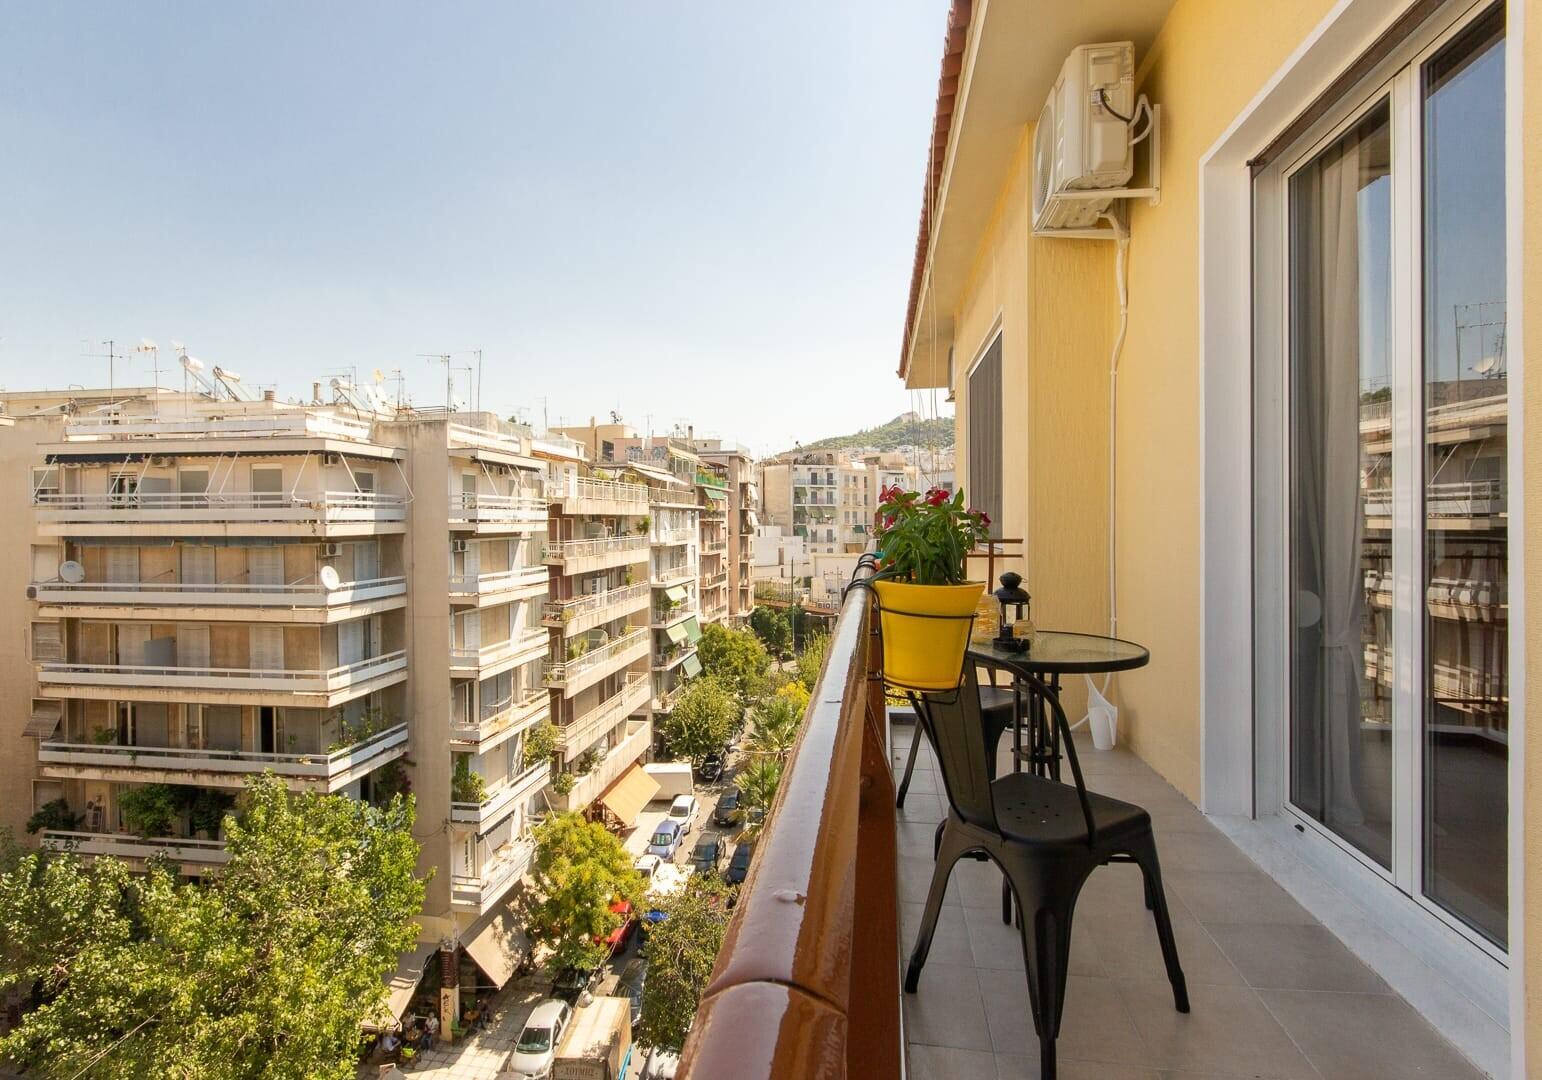 Coste de vida en Atenas